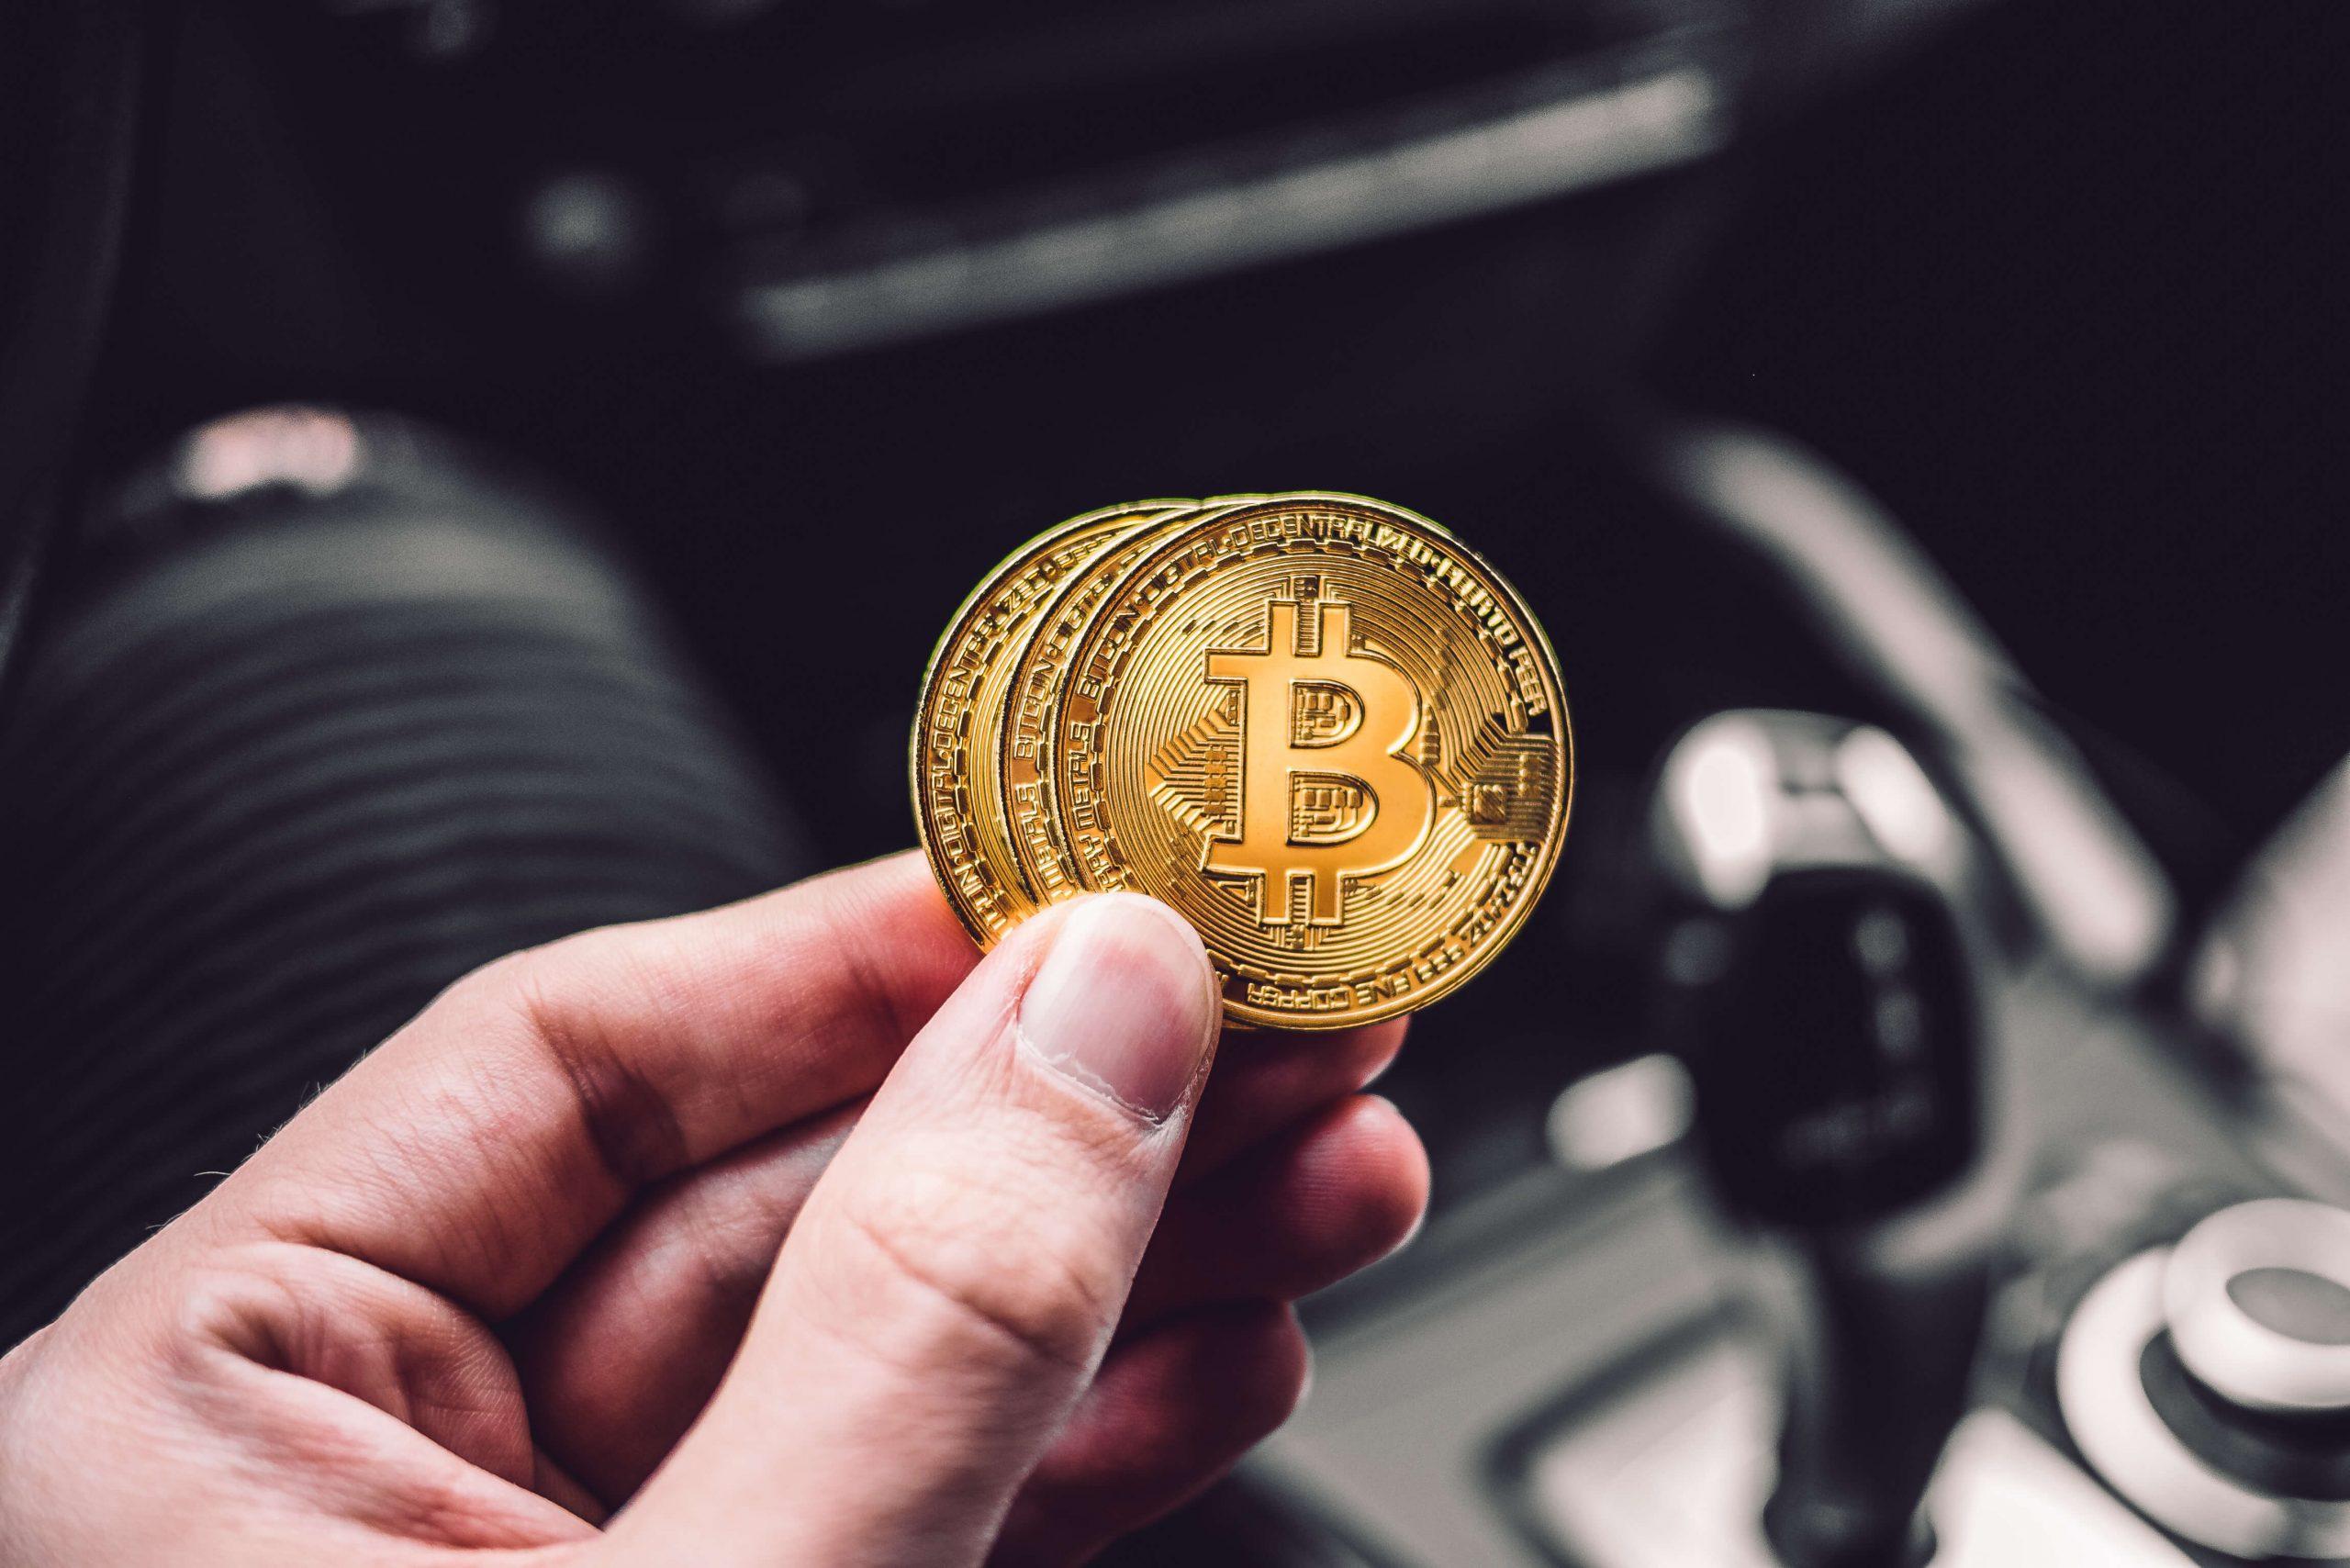 İnsanlar Gerçekten Bitcoin Kullanıyor mu? 1 - Bitcoin Kullanımı scaled